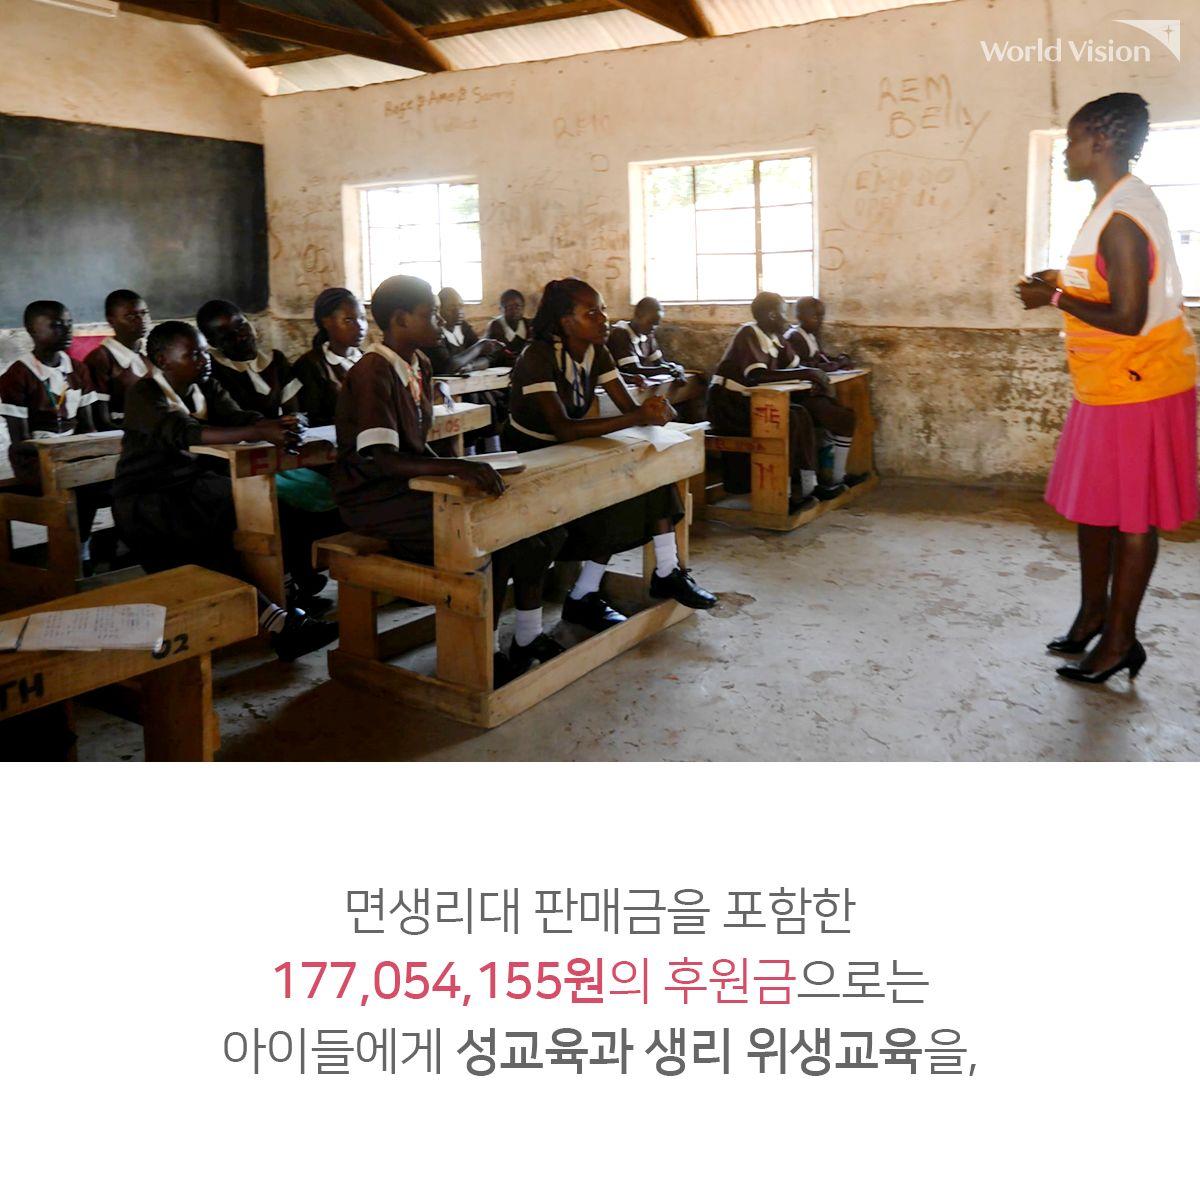 면생리대 판매금을 포함한 177,054,155원의 후원금으로는 아이들에게 성교육과 생리 위생교육을